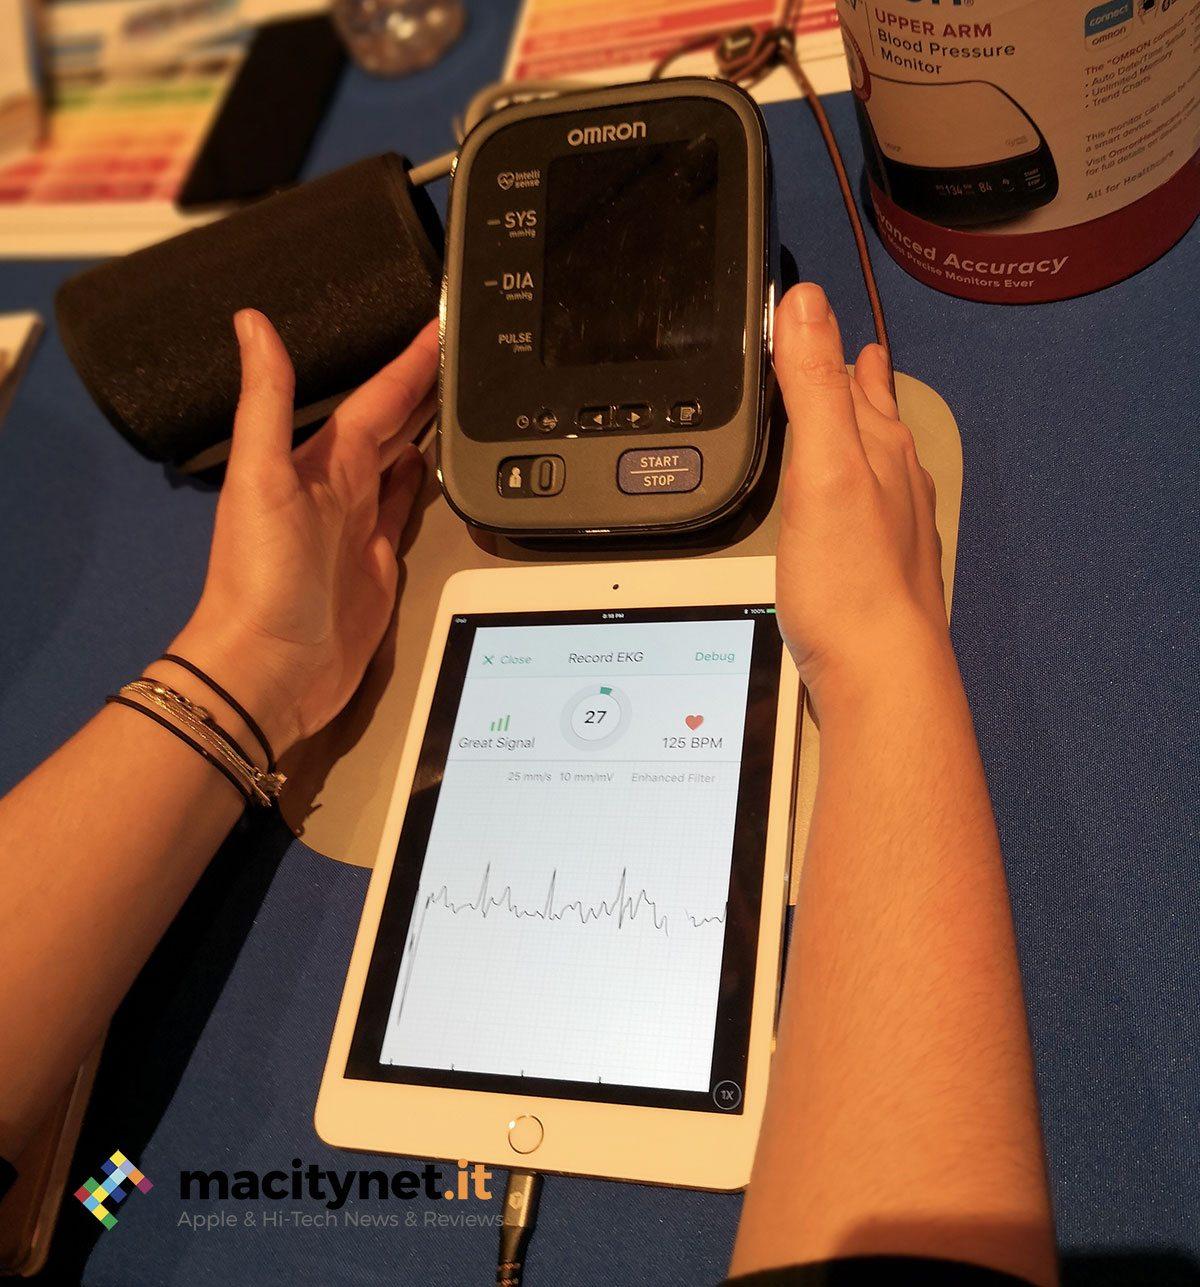 Средства от гипертонии беременных - Confronto dei metodi di misurazione della pressione sanguigna